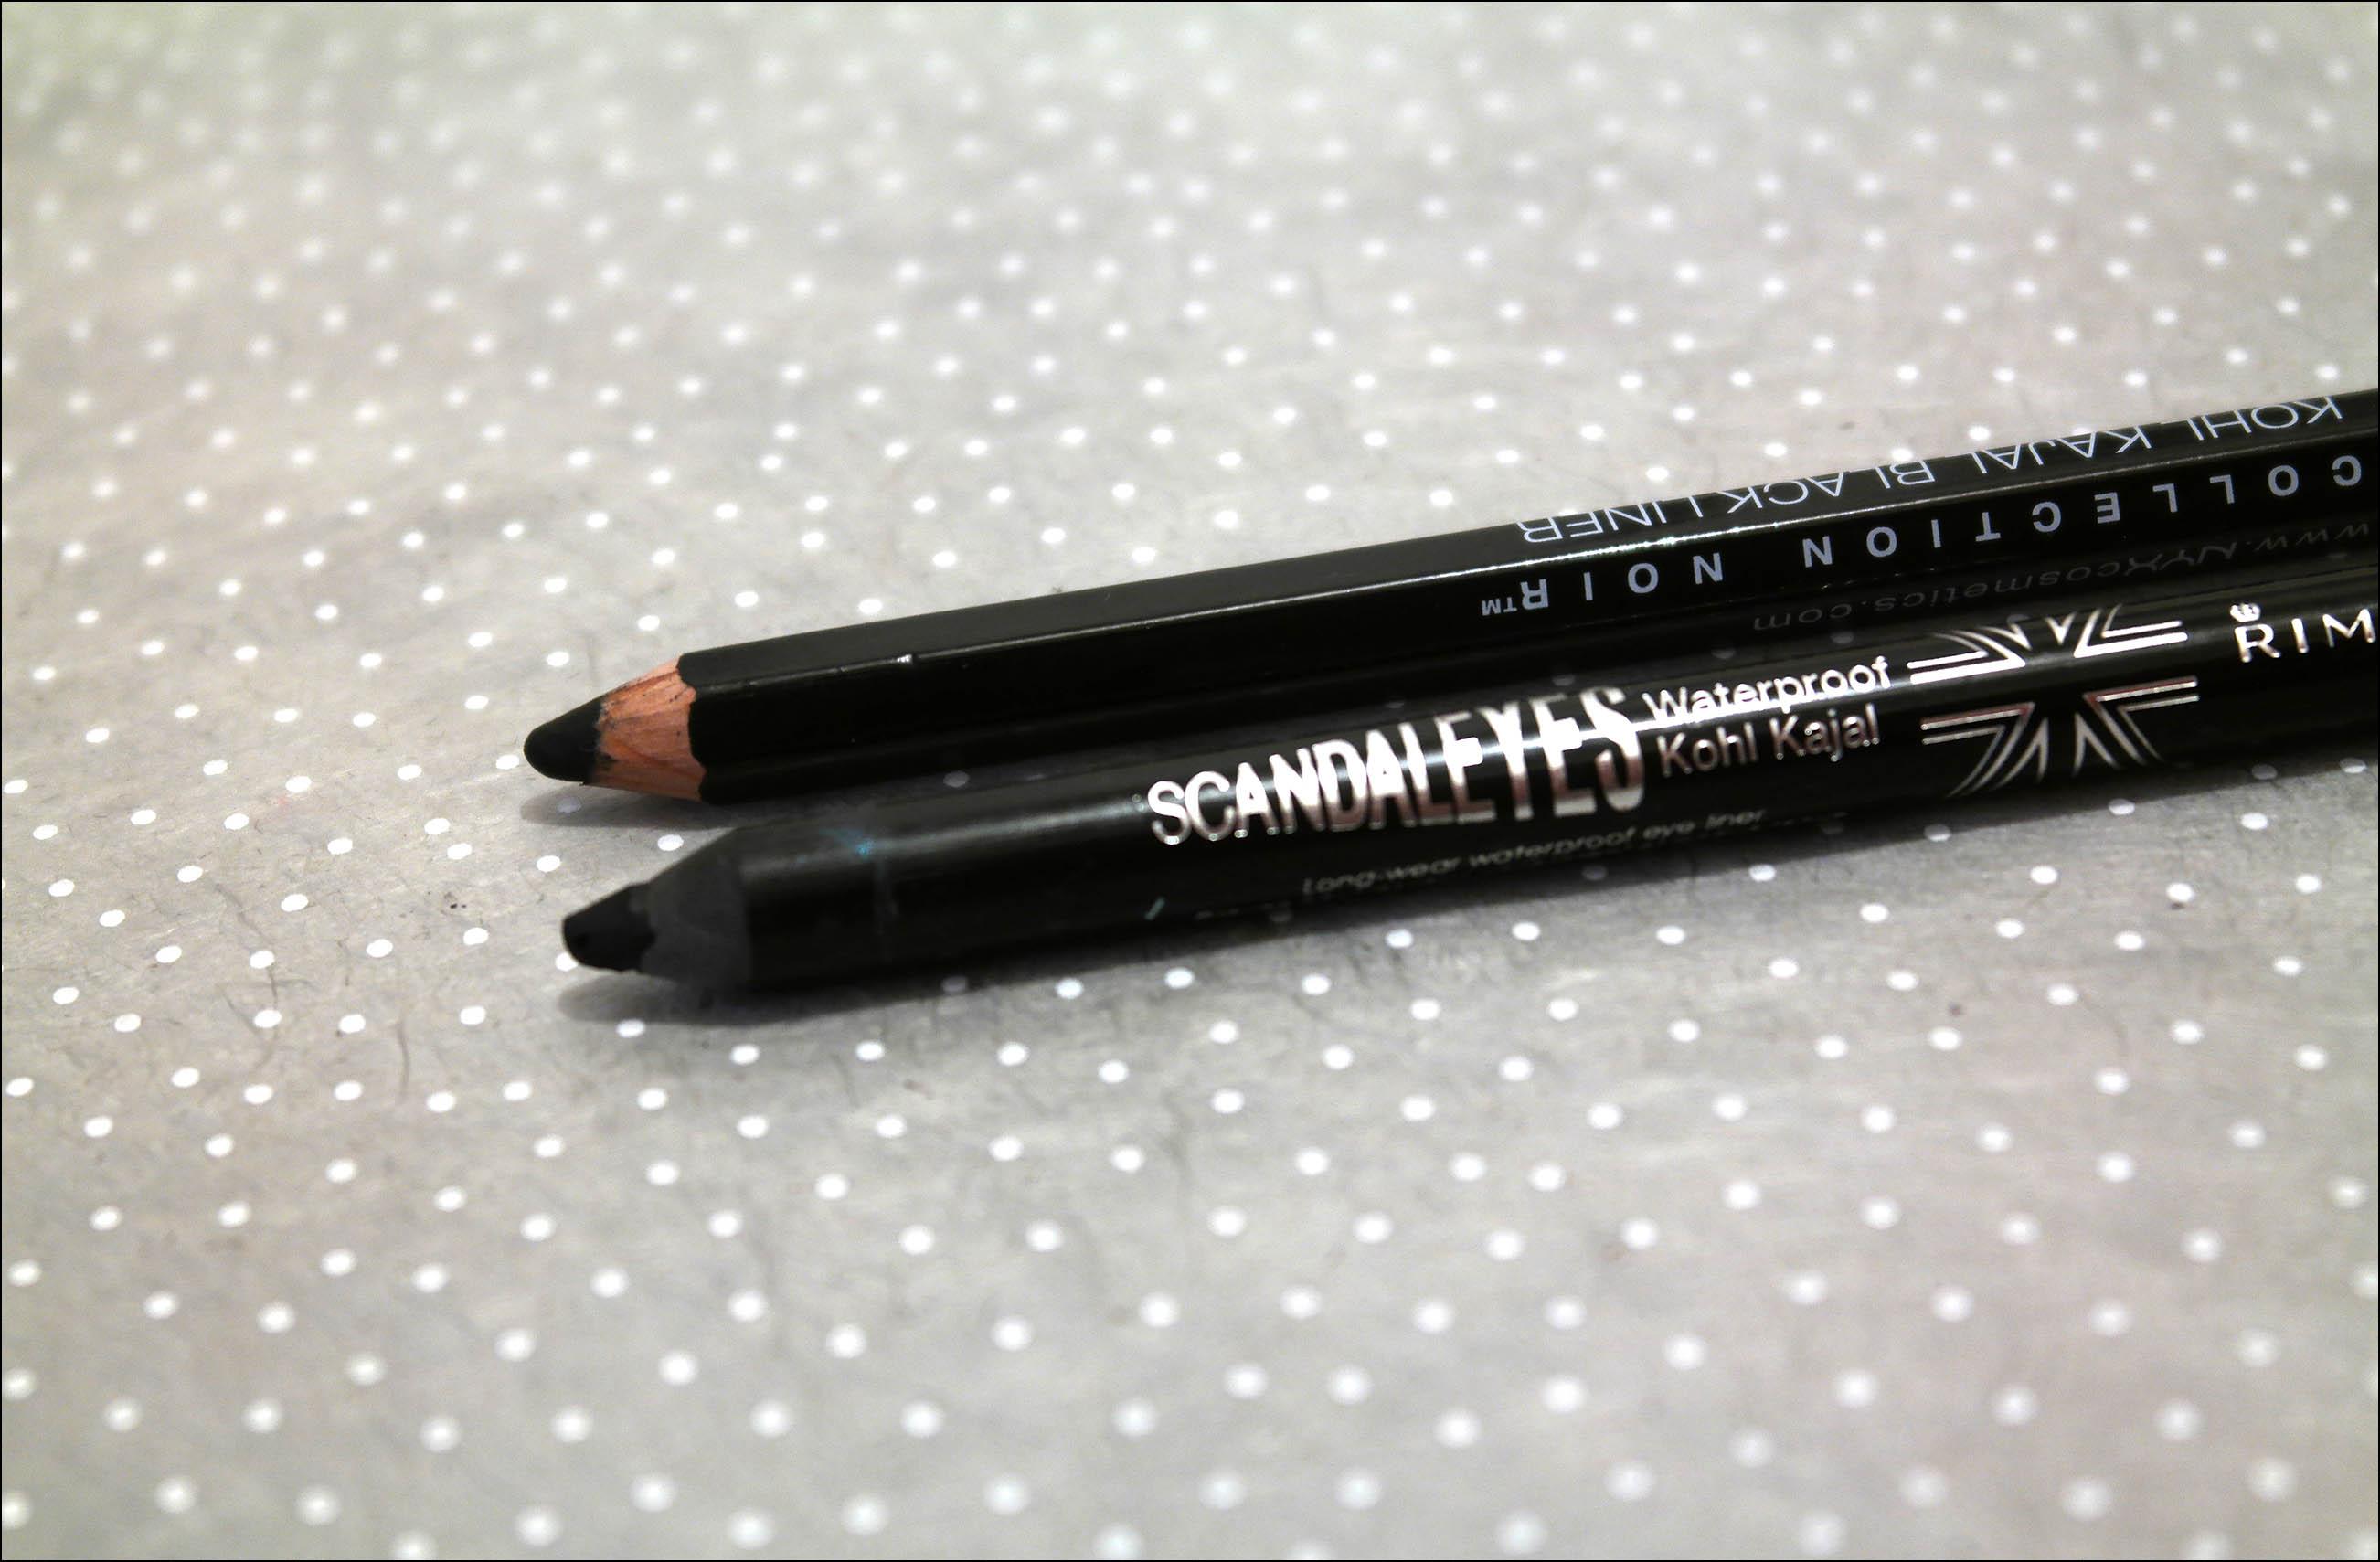 crayon noir, kajal, rimmel, scandaleyes, nyx, liner, liner nyx, kajal nyx, kajal rimmel